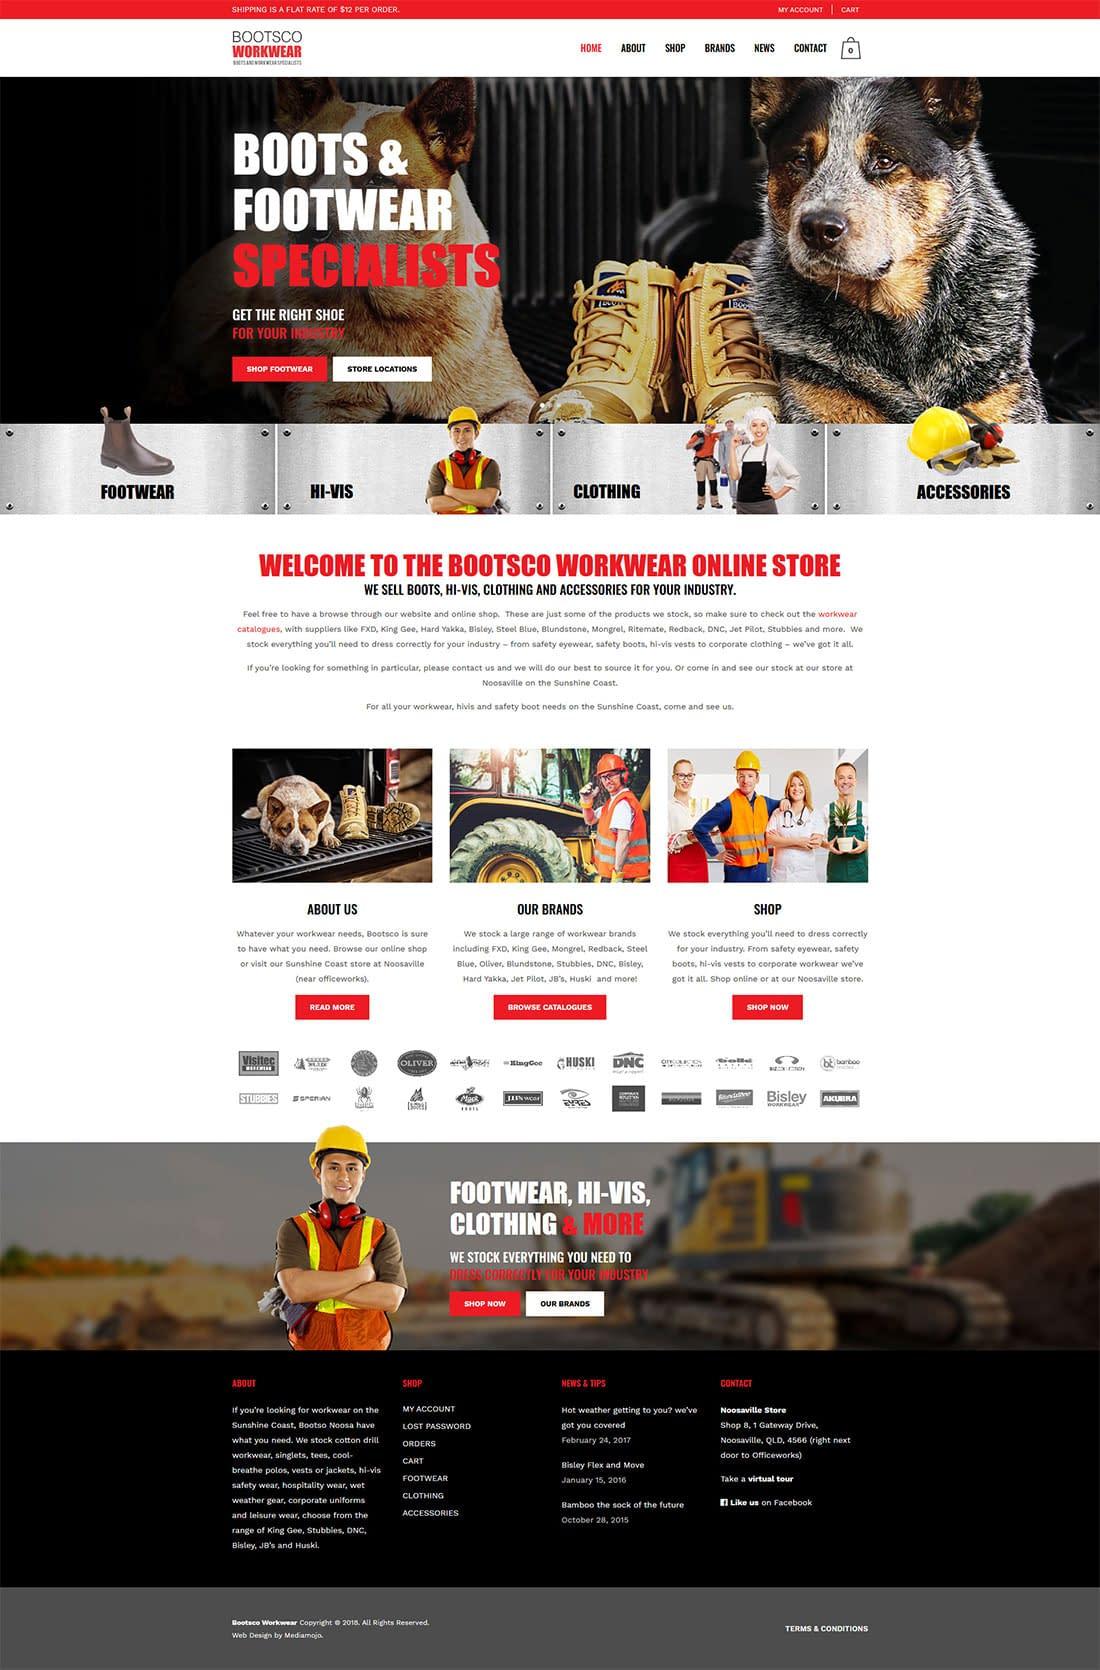 Bootsco workwear ecommerce website